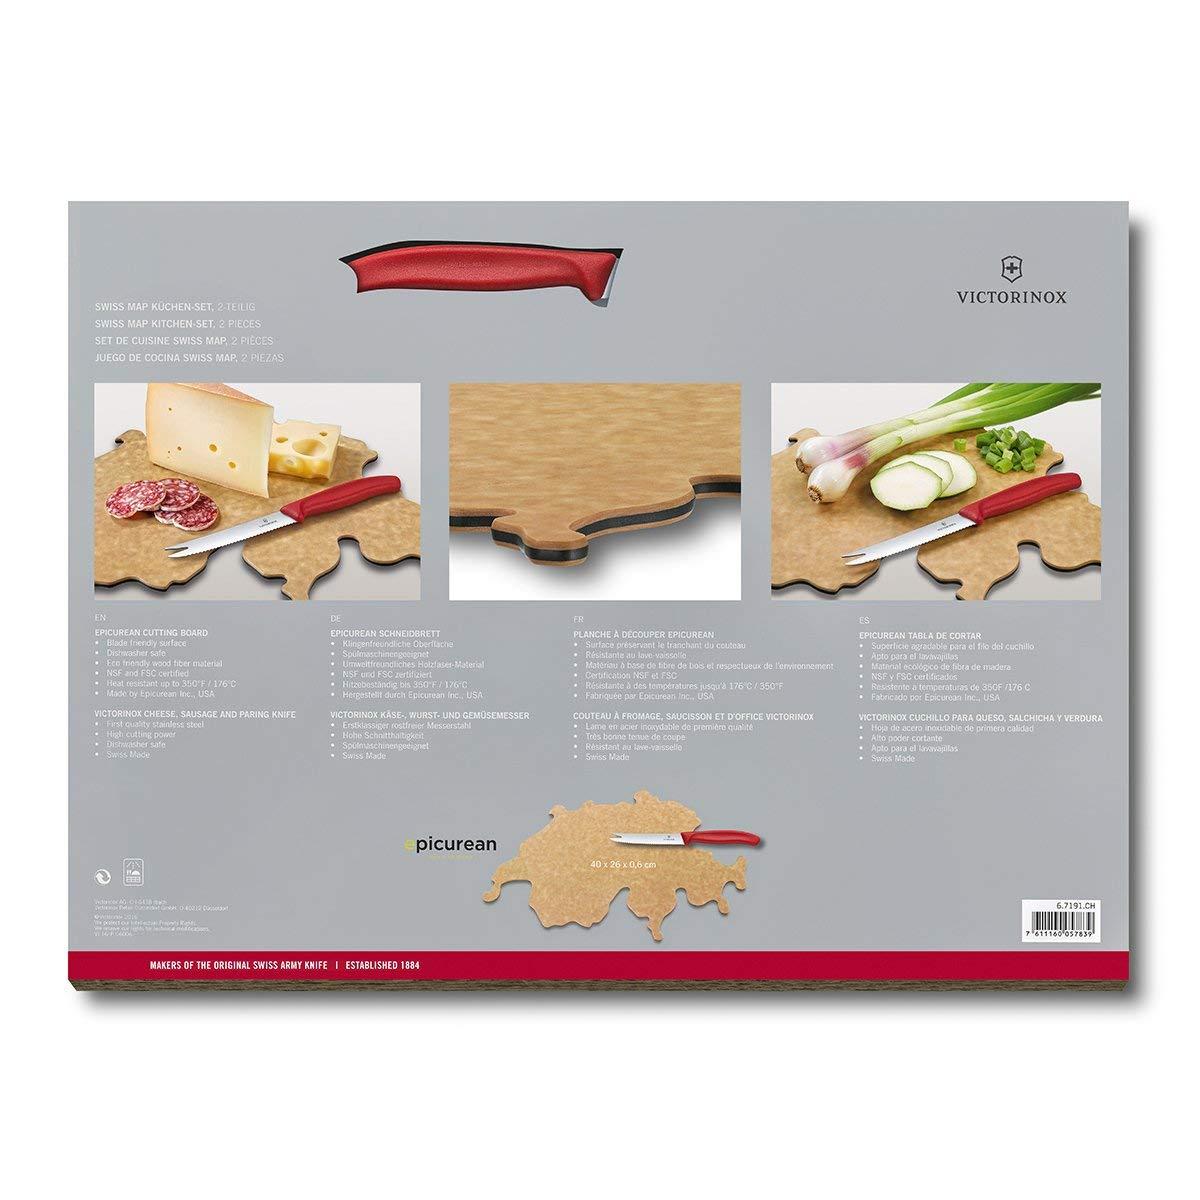 Victorinox Swiss Classic 2-tlg. Küchen-Set, Schneidebrett Landkarte Landkarte Landkarte Schweiz 40 x 25 x 0,6 cm, Käse- und Wurstmesser, Holz B01IR8AFA6 Schneidbretter 6ab198